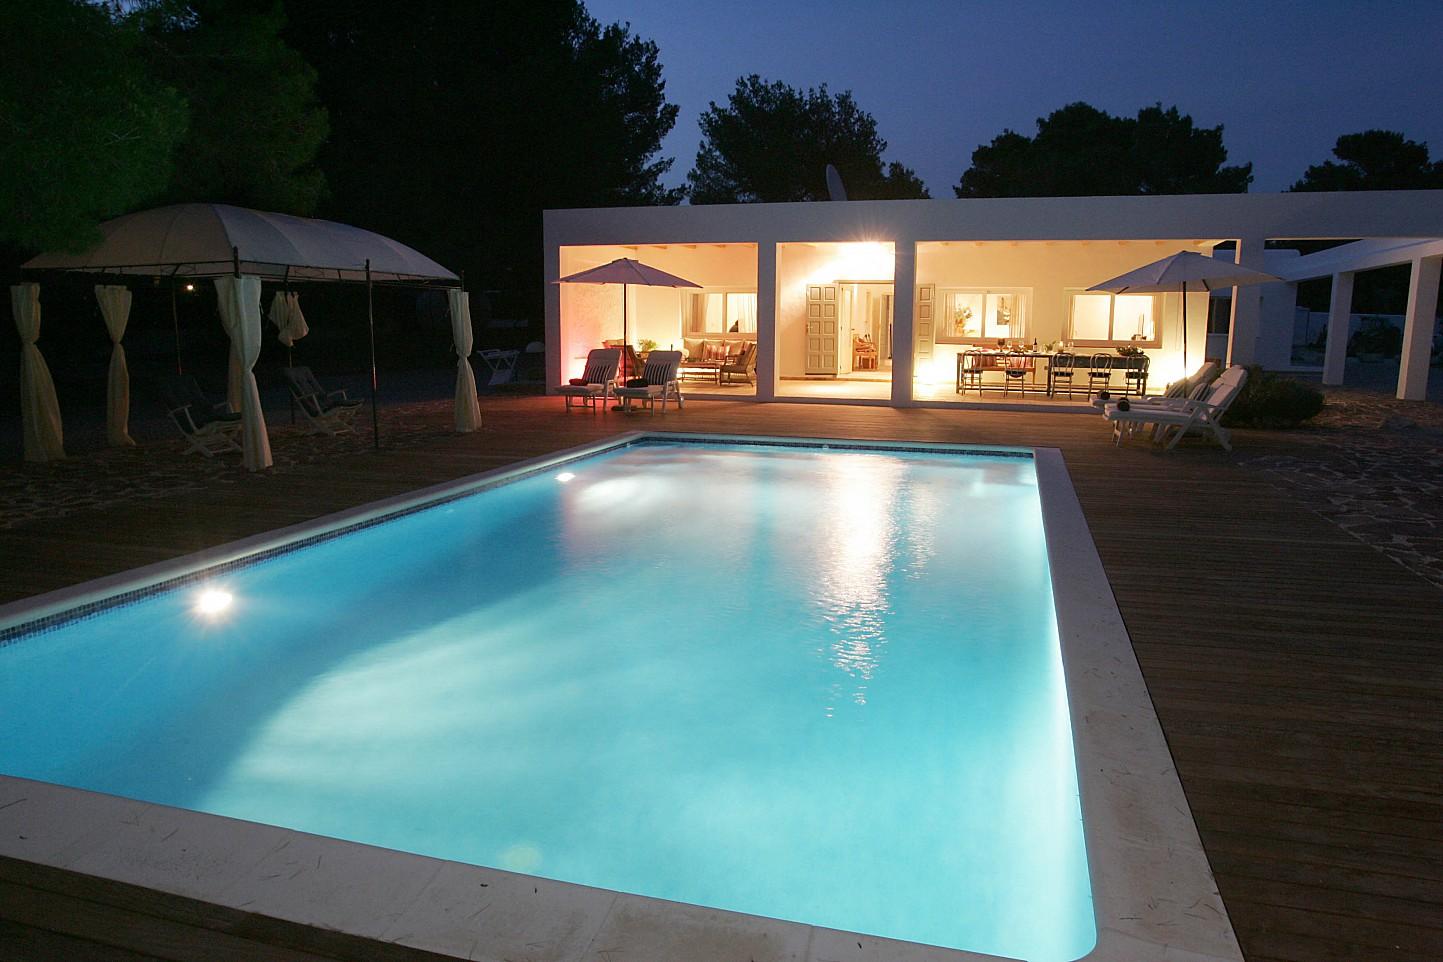 Magnífica iluminación de noche de la piscina